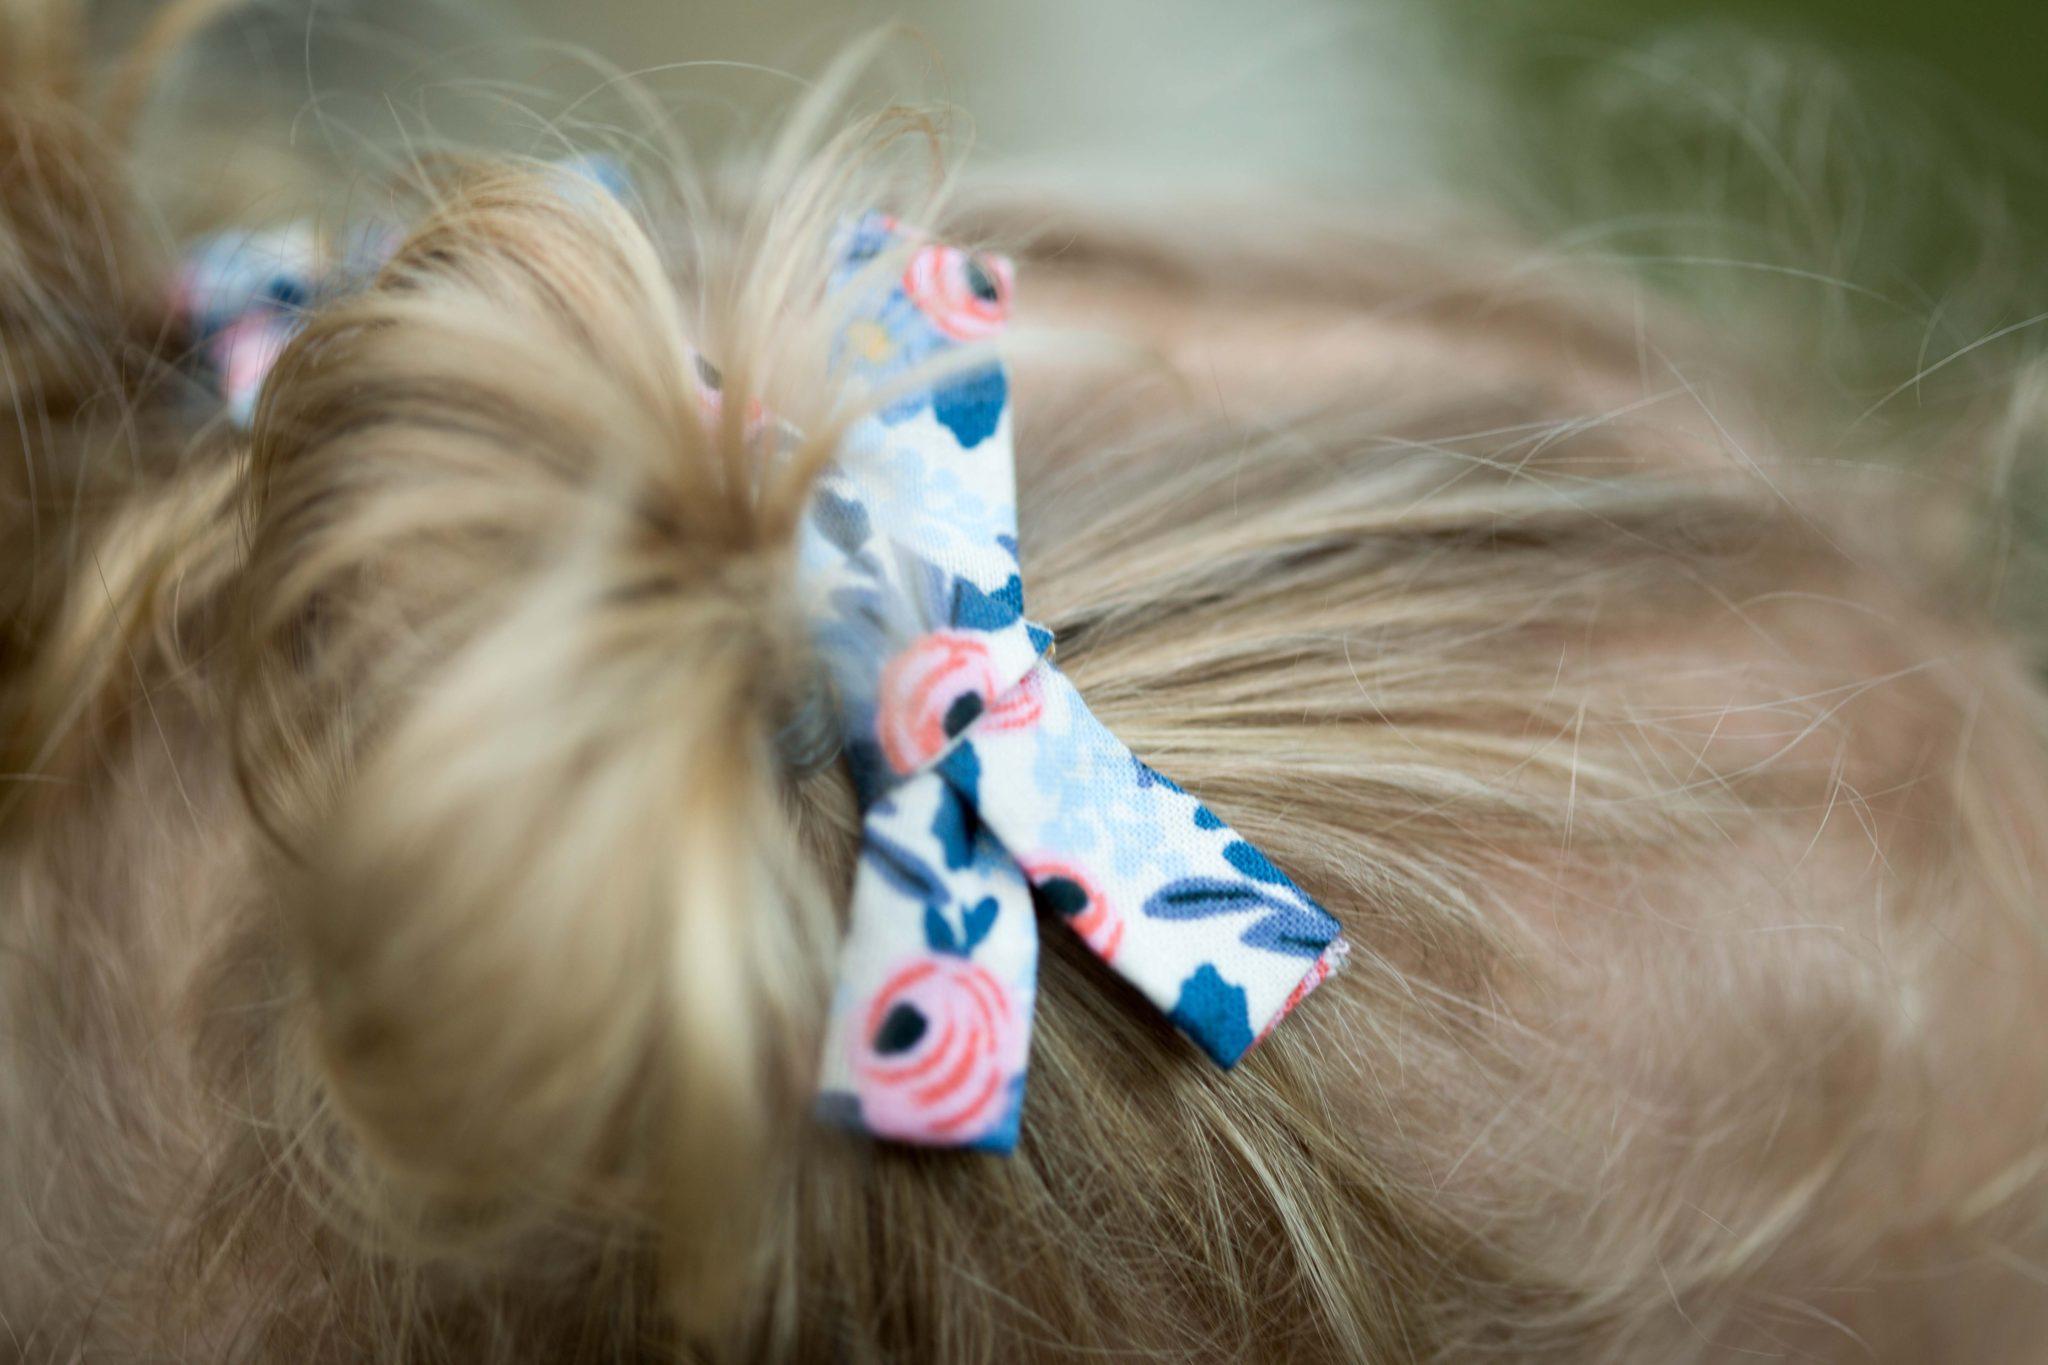 la petite barette | trendy hair bows for babes | on allweareblog.com